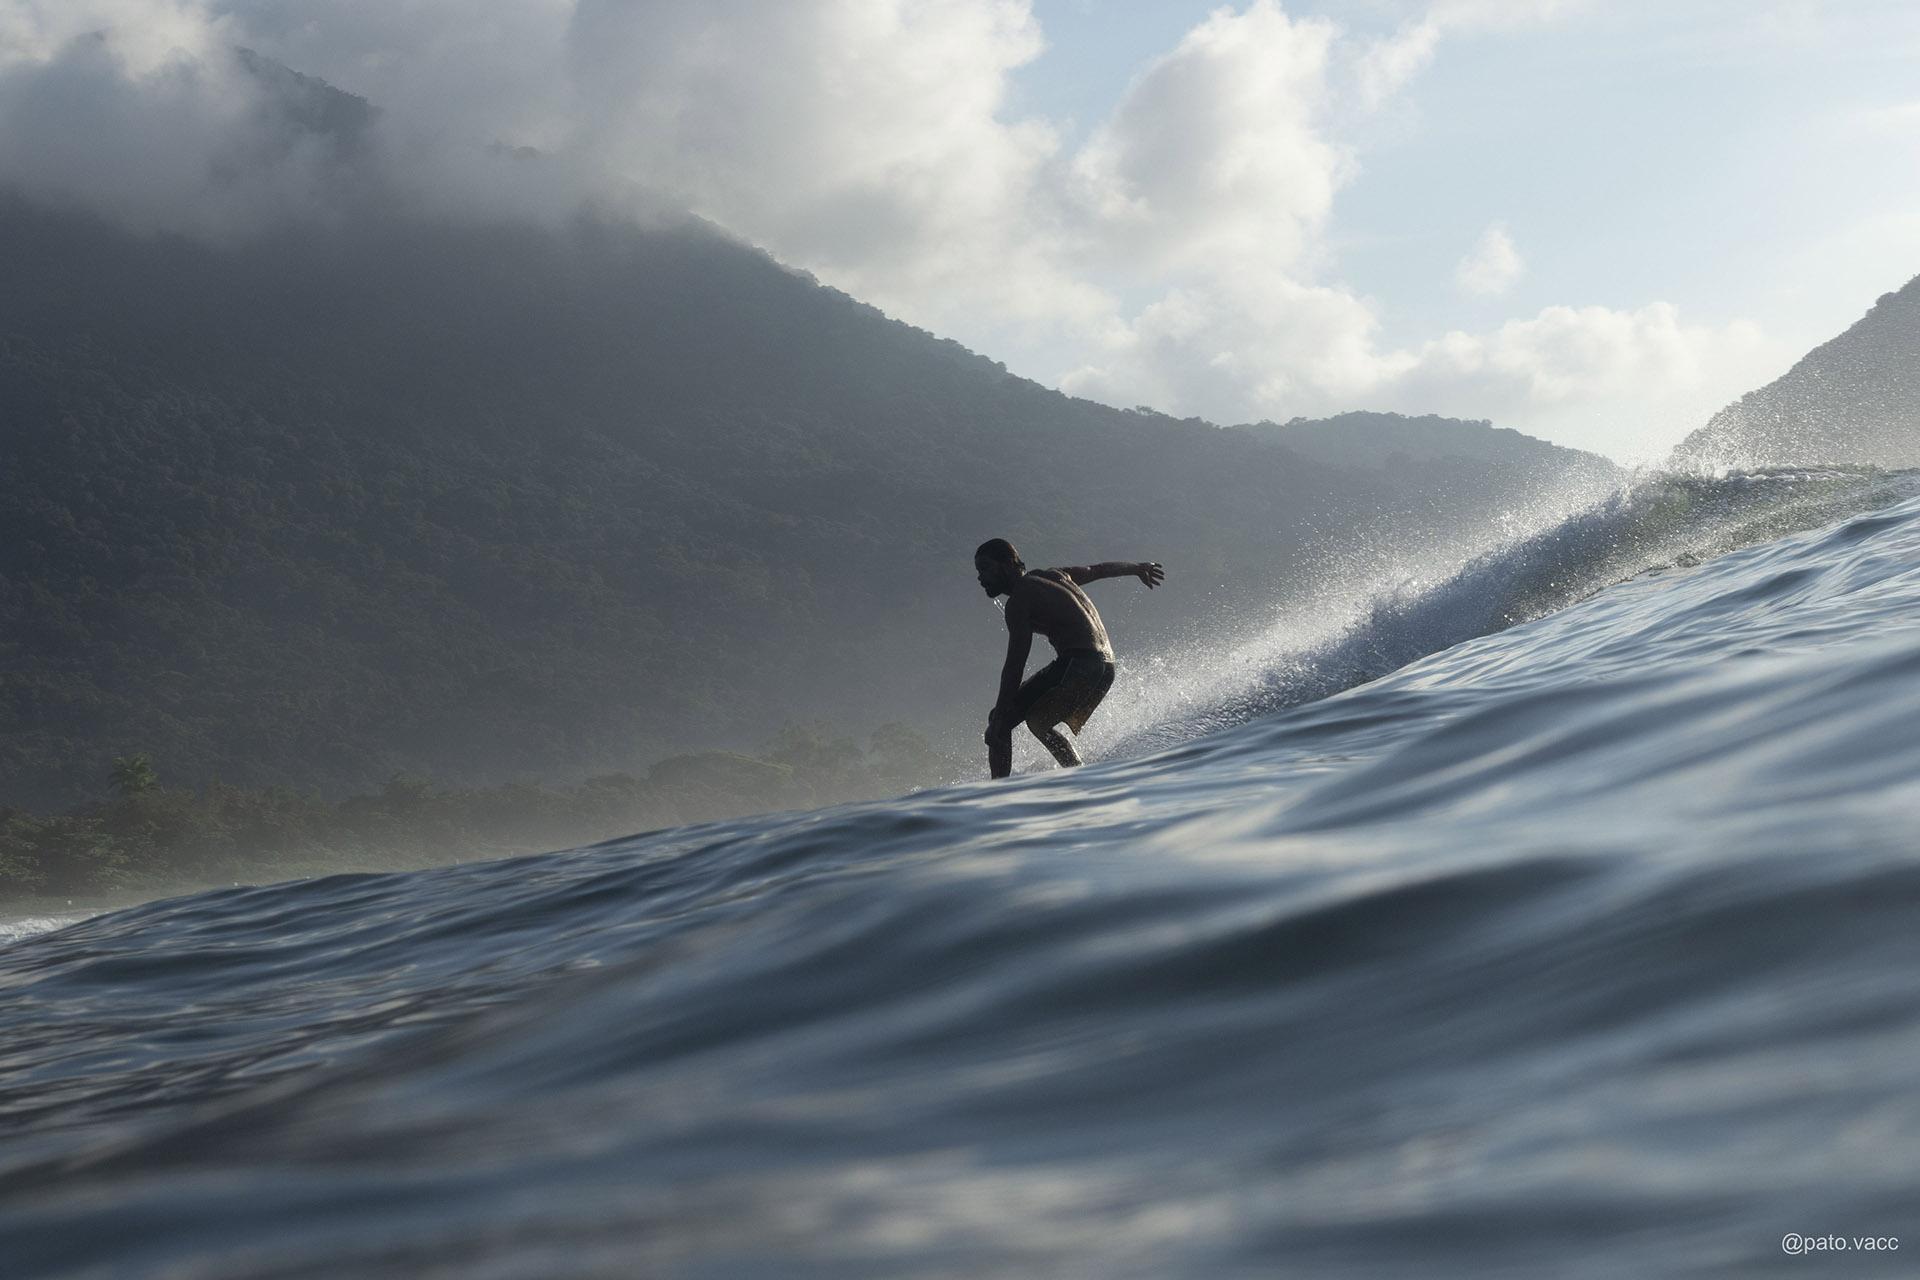 melhores fotos de surf do brasil